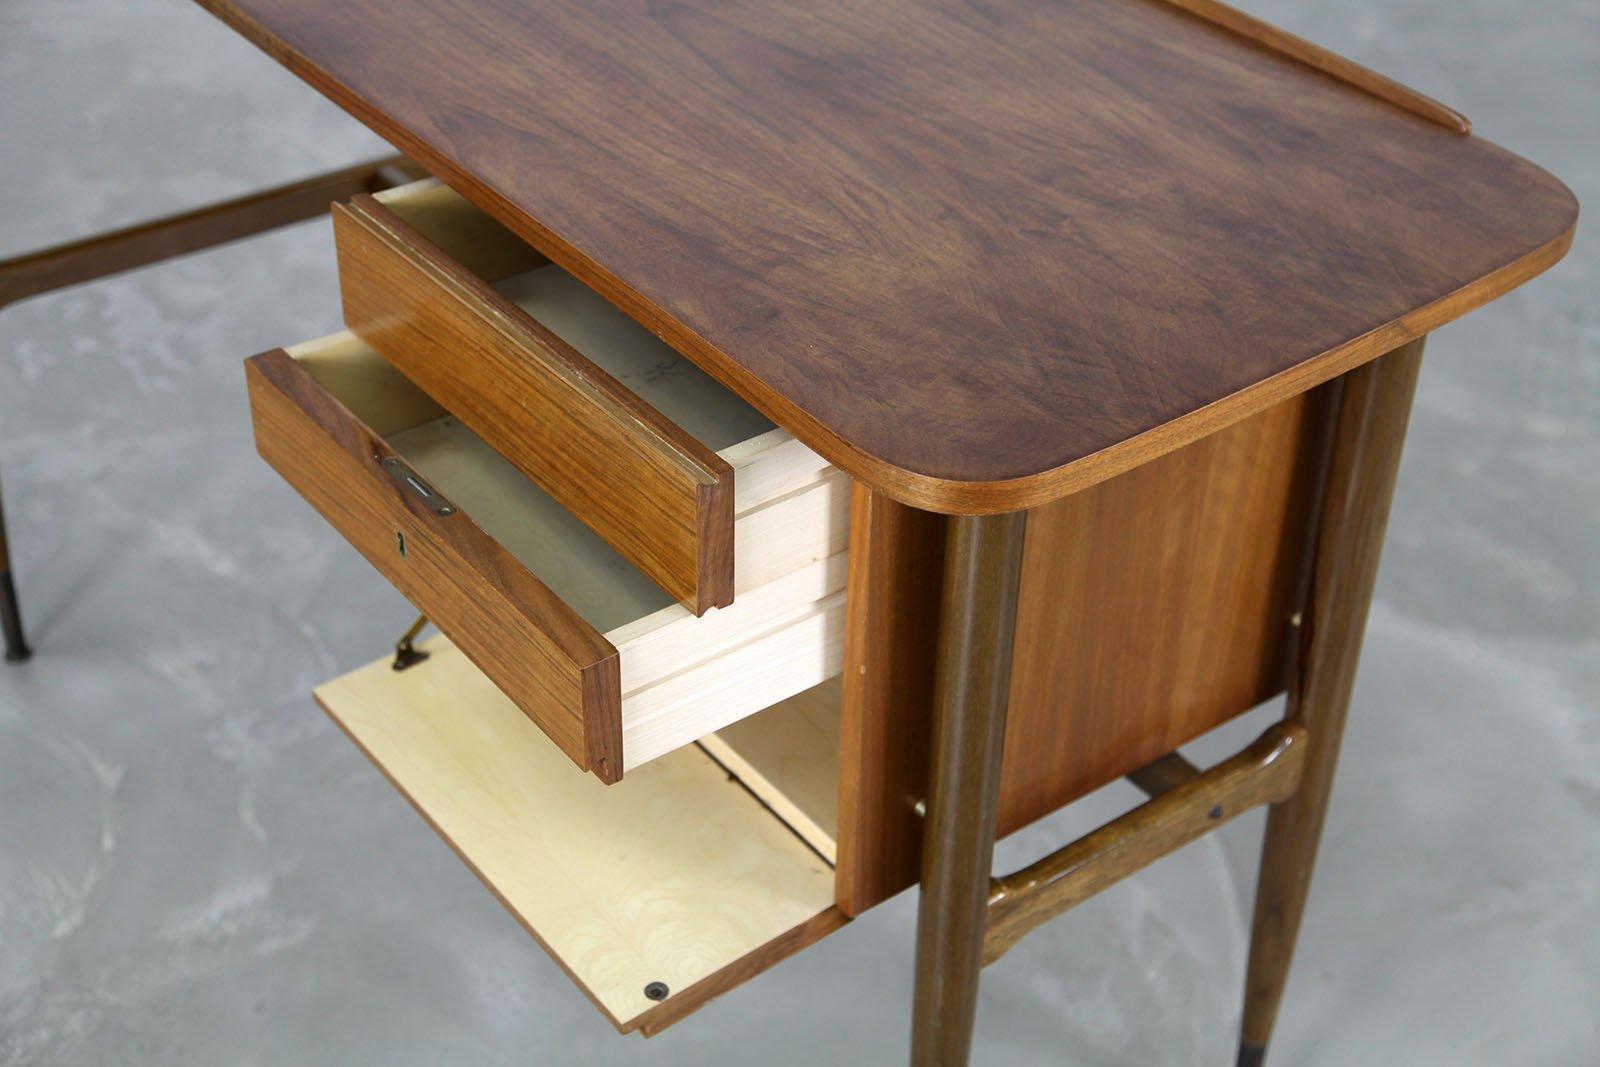 gebogener mid century nussholz schreibtisch 1960er bei pamono kaufen. Black Bedroom Furniture Sets. Home Design Ideas